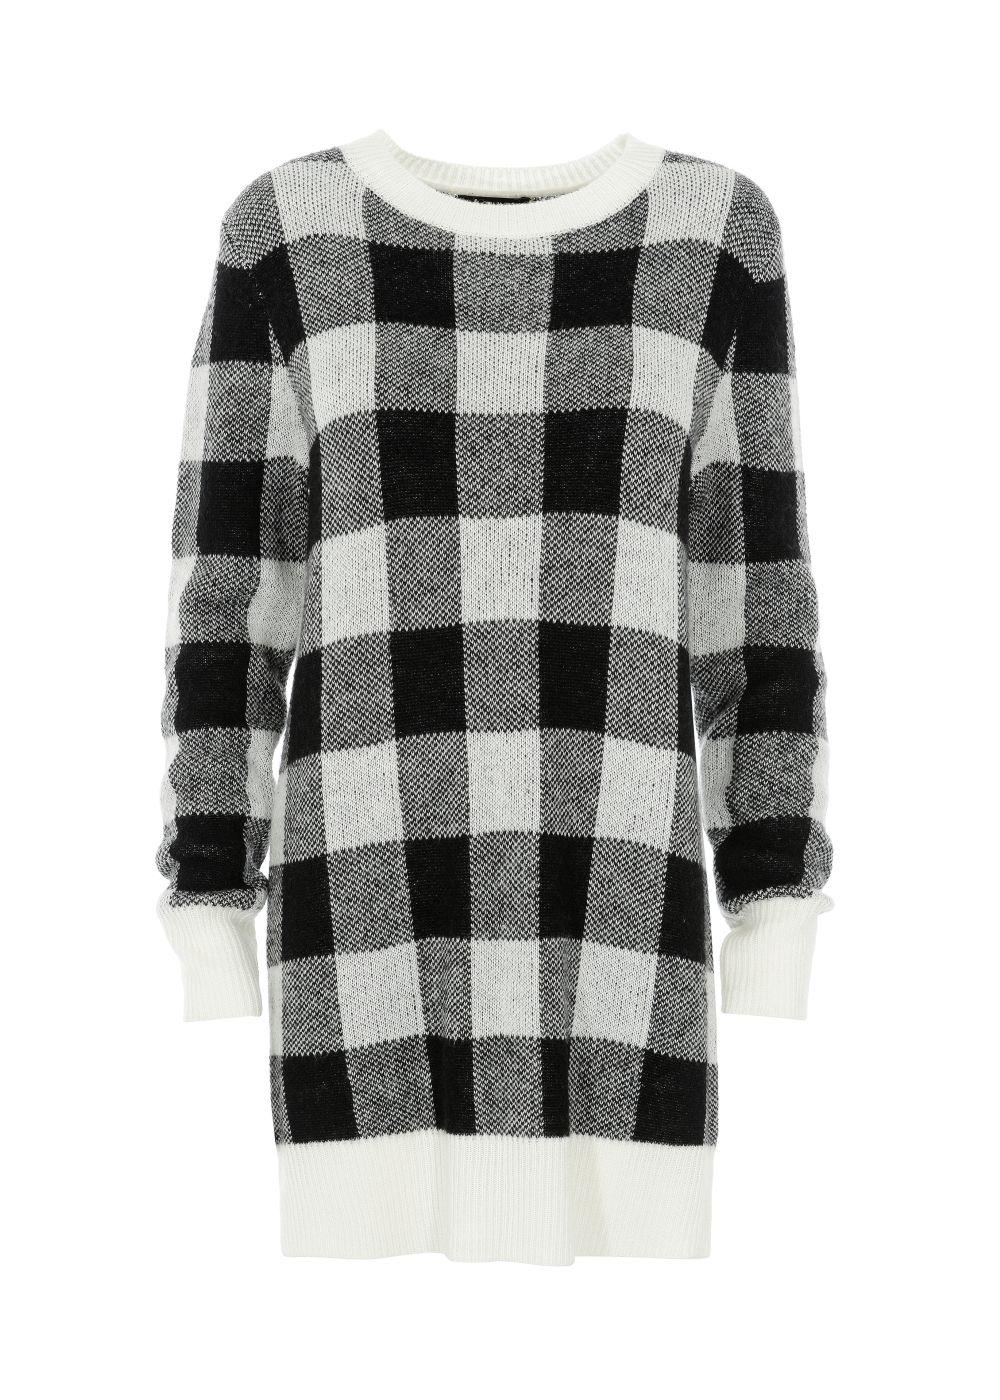 Sweter damski SWEDT-0136-99(Z20)